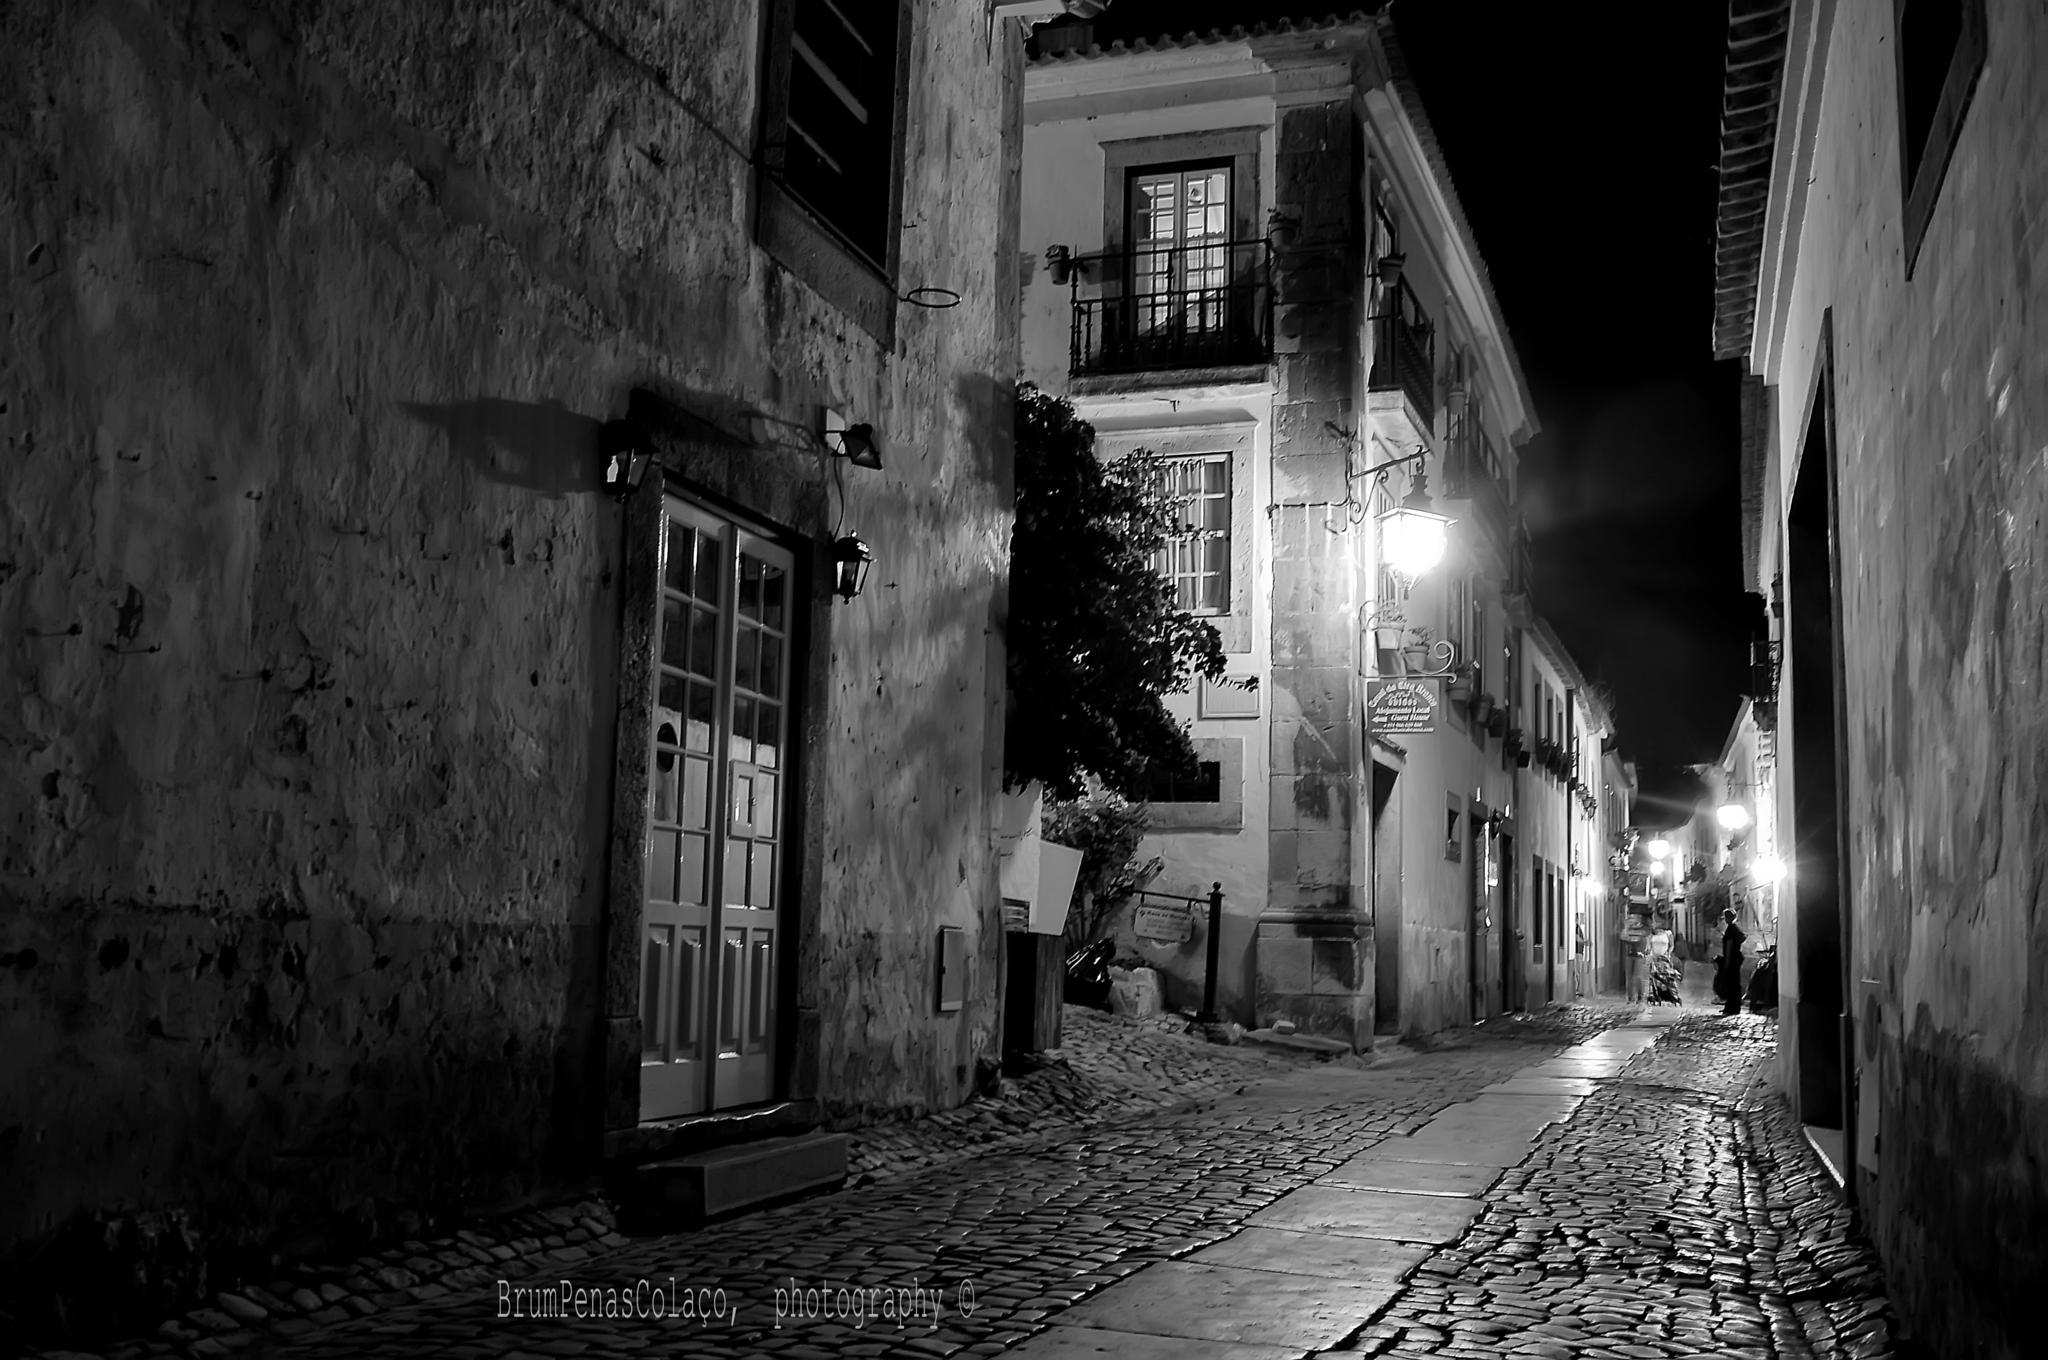 Óbidos by Brum_Colaco